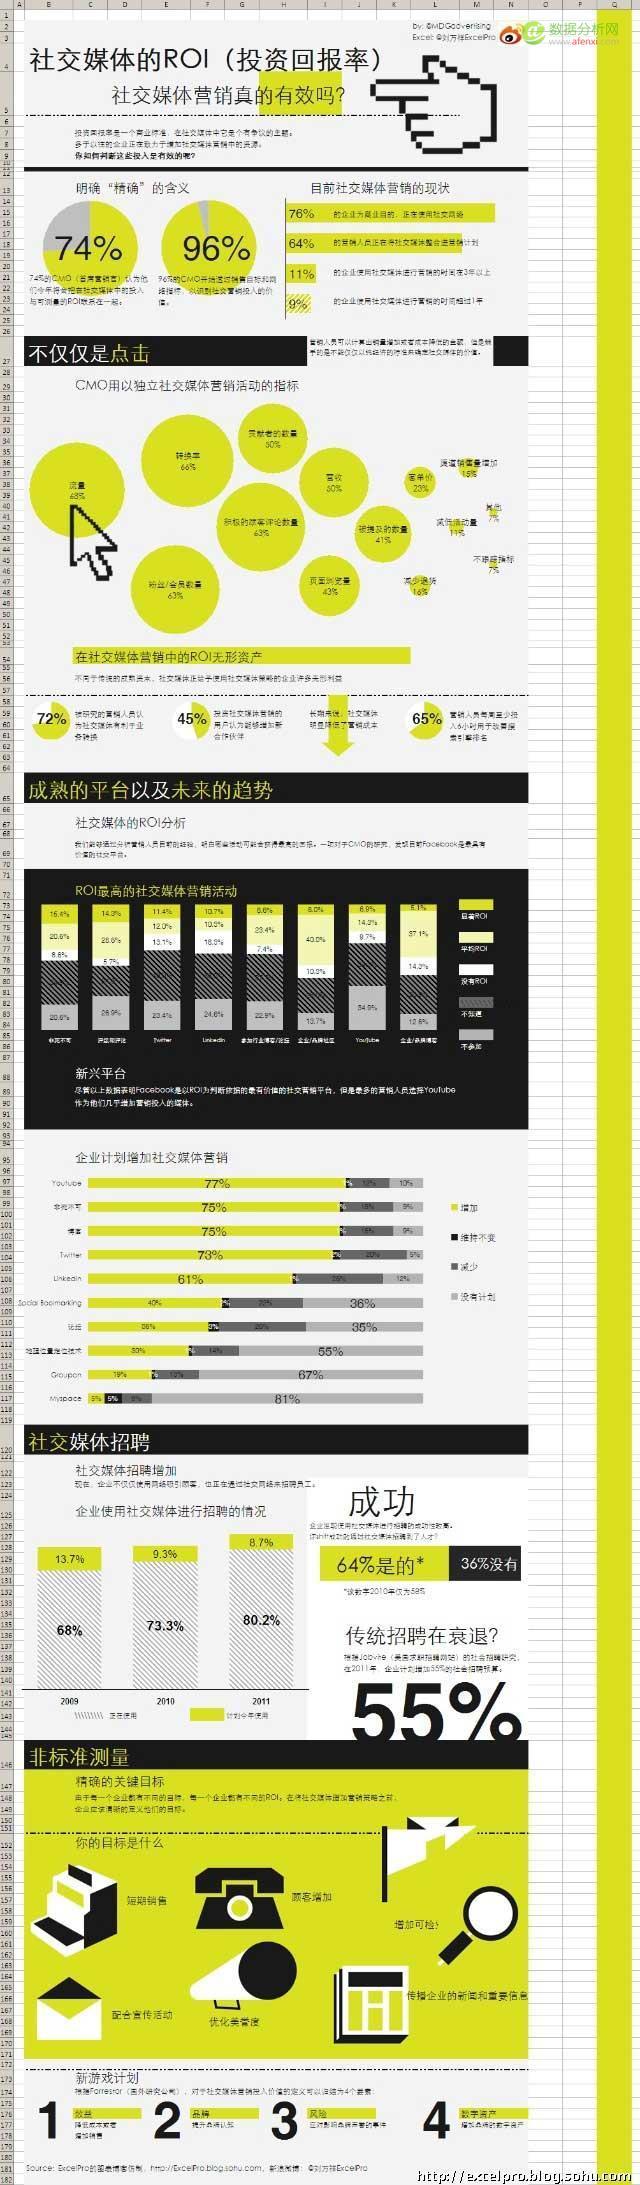 如何制作信息图(二):用Excel制作数据信息图表2-数据分析网